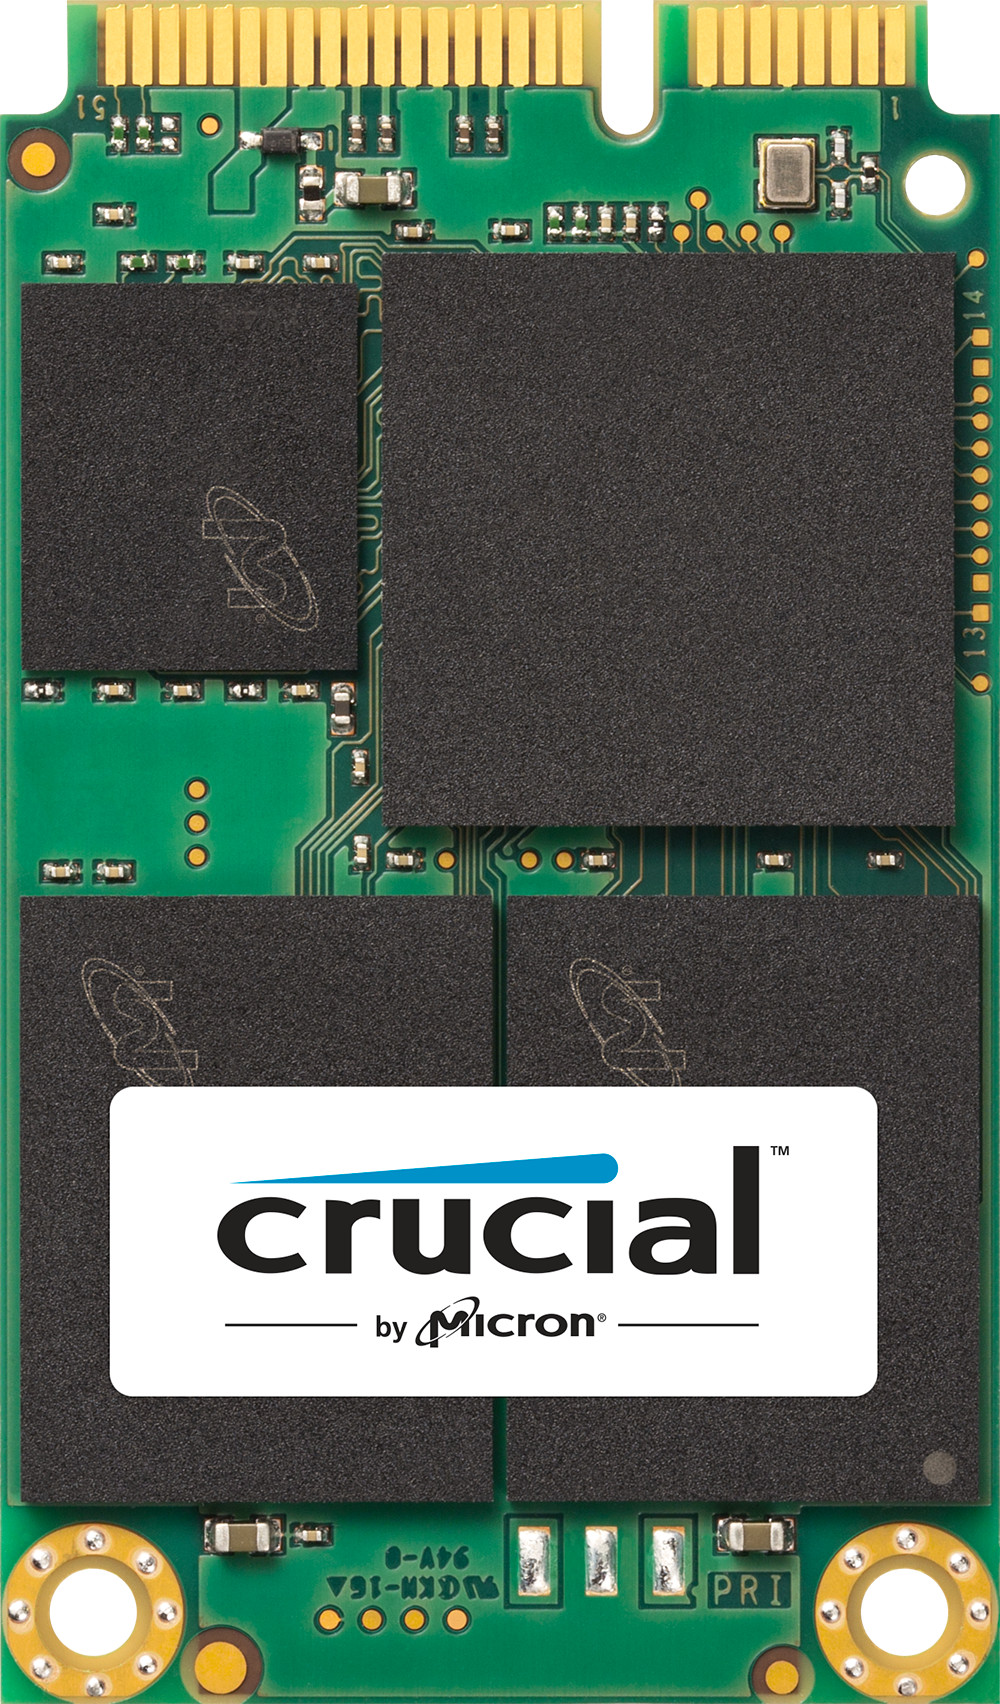 Crucial presenta nuevos discos SSD: MX200 de alto